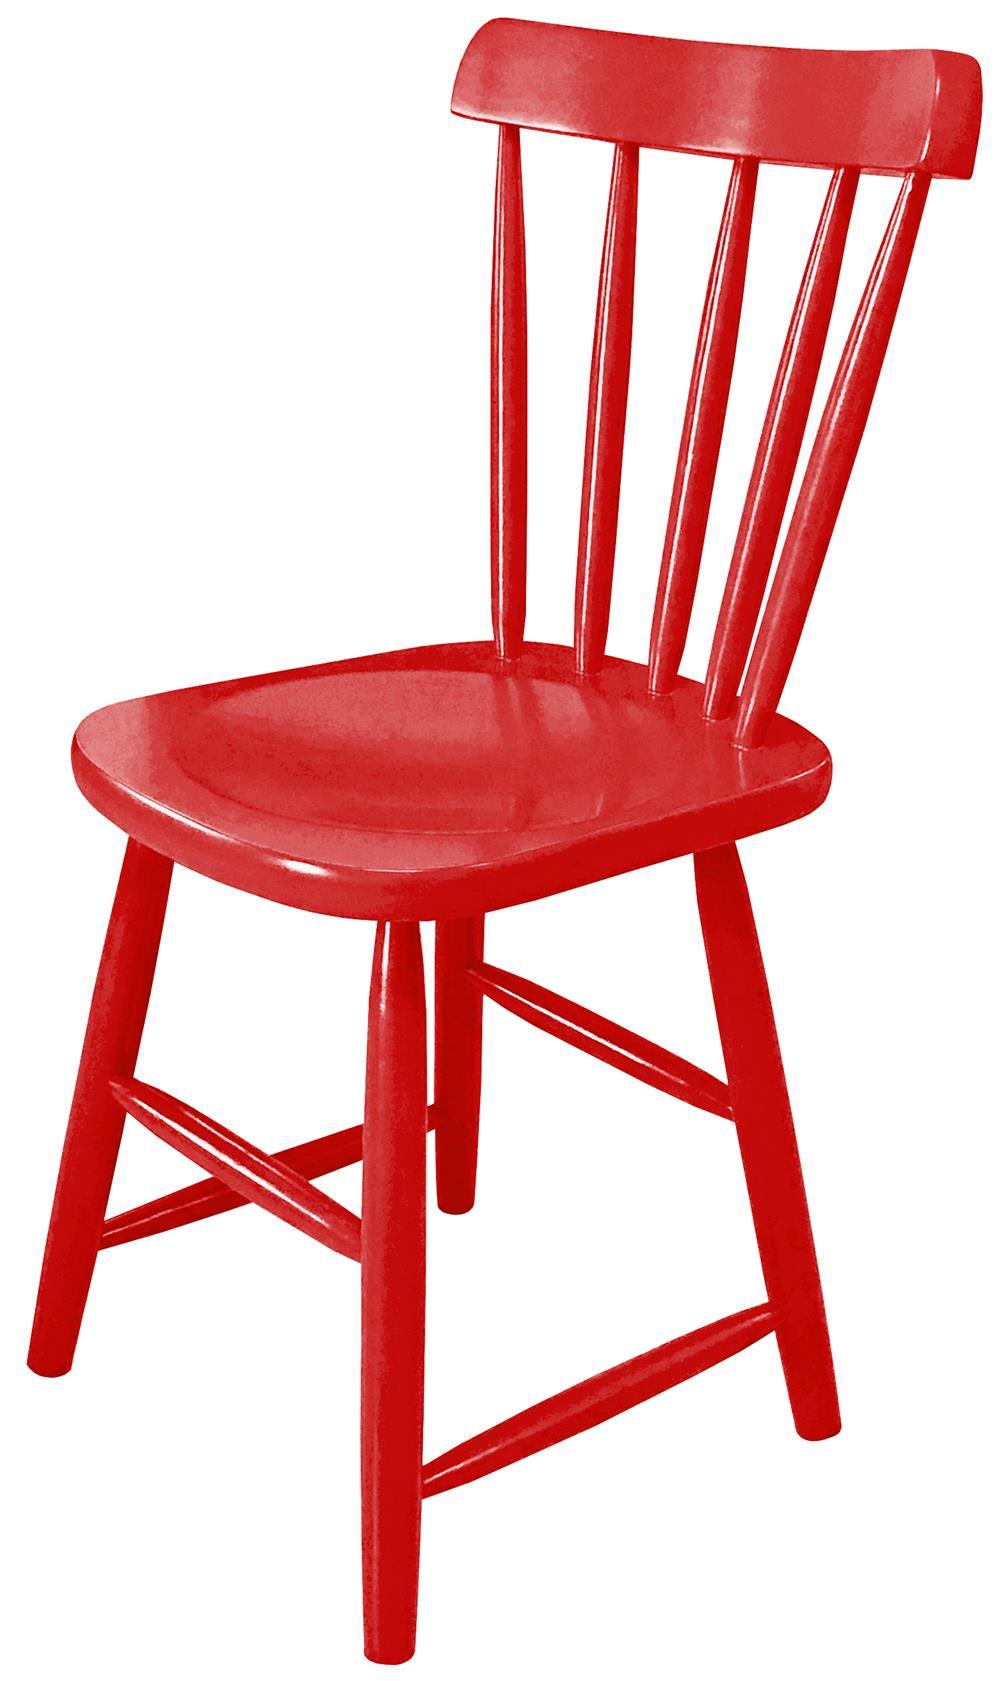 Cadeira Skand Assento Escavado Cor Vermelha - 33368